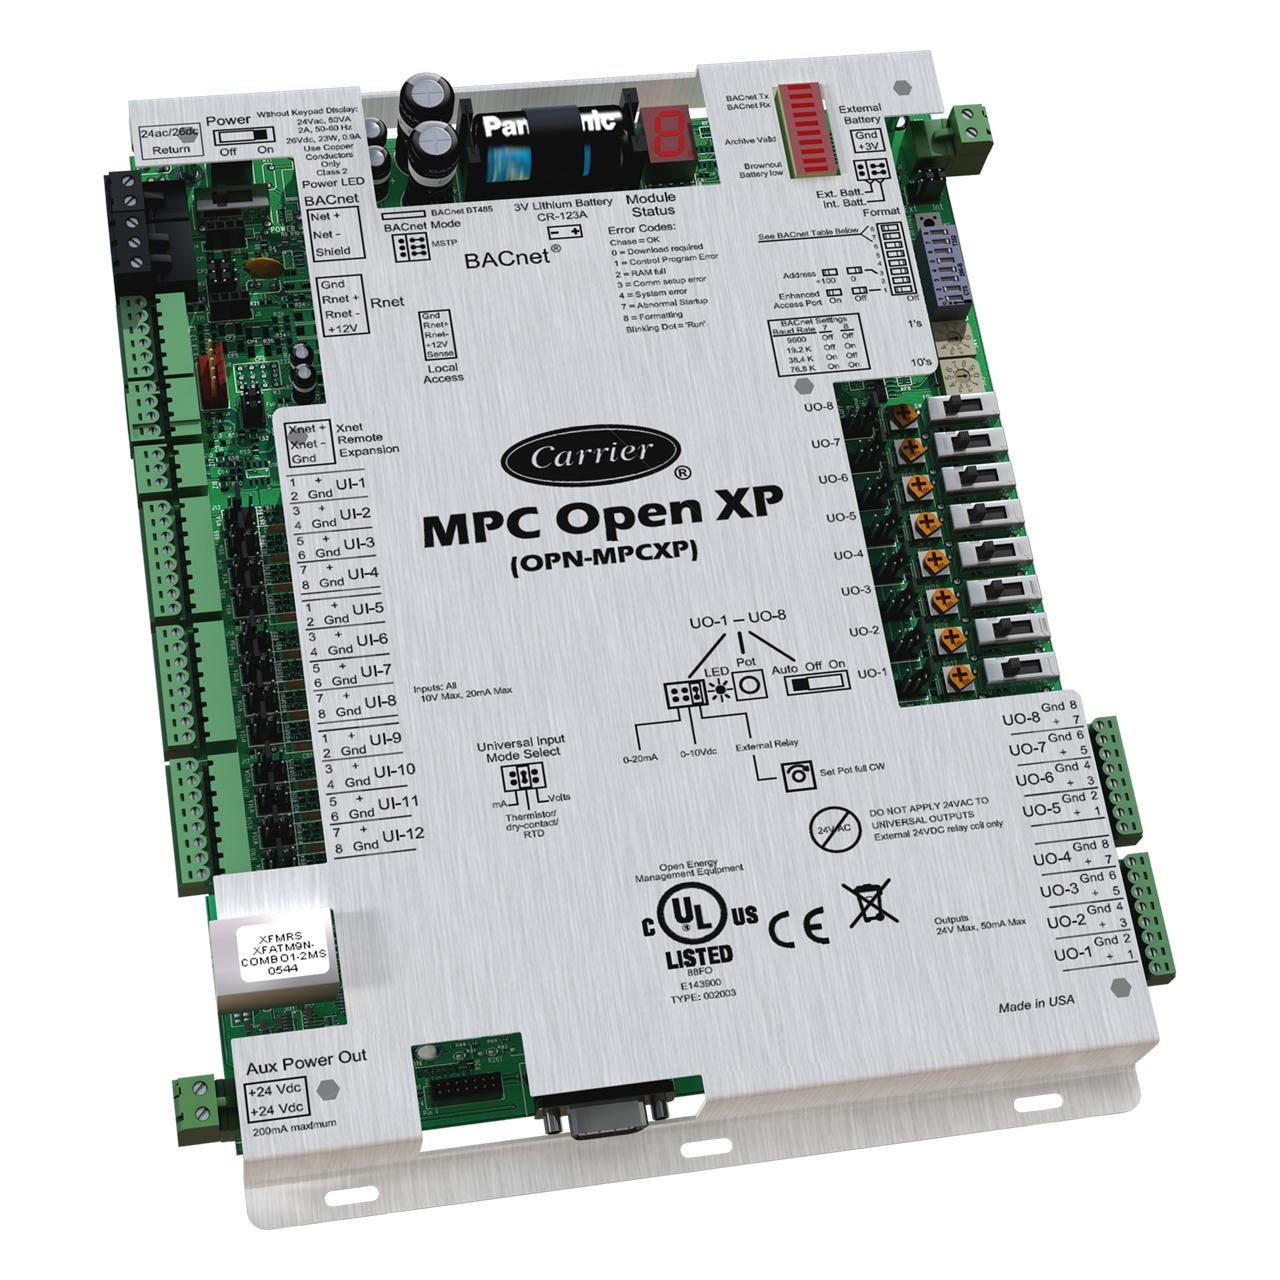 carrier-OPN-MPCXP-ivu-open-multipurpose-programmable-controller